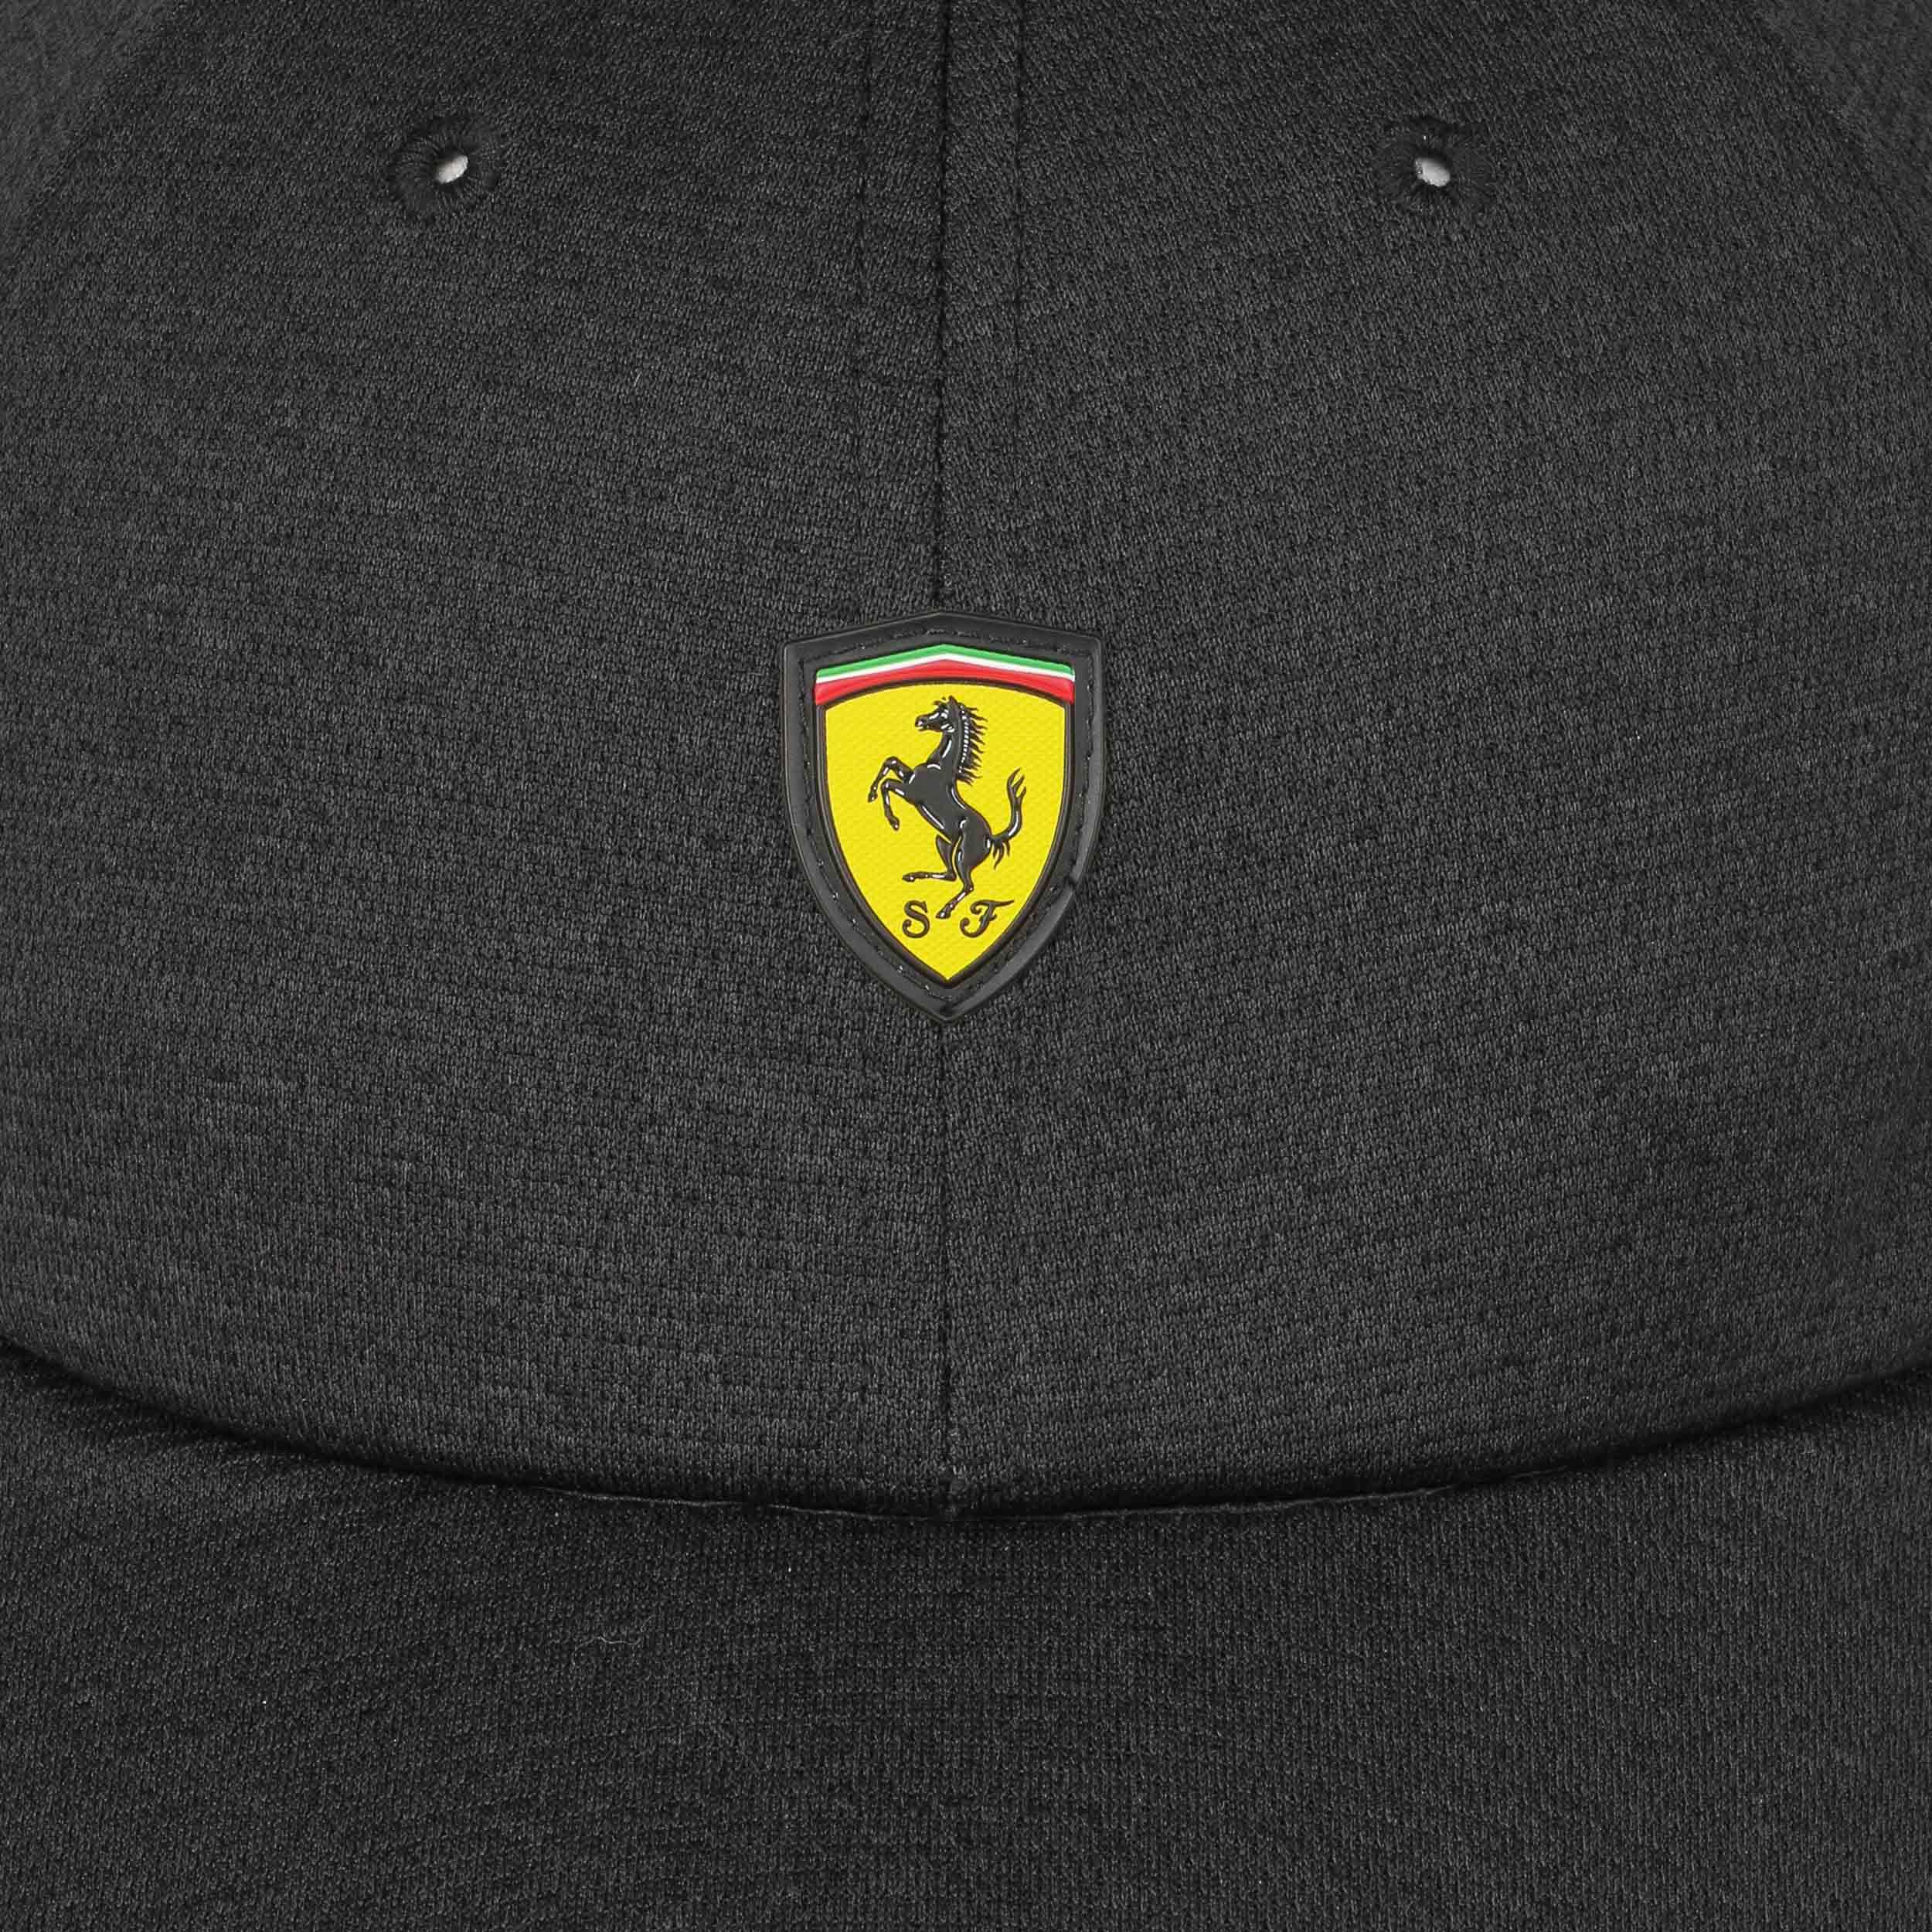 ... Cappellino Scuderia Ferrari Fanwear by PUMA - nero 4 ... 30d791eb10cb